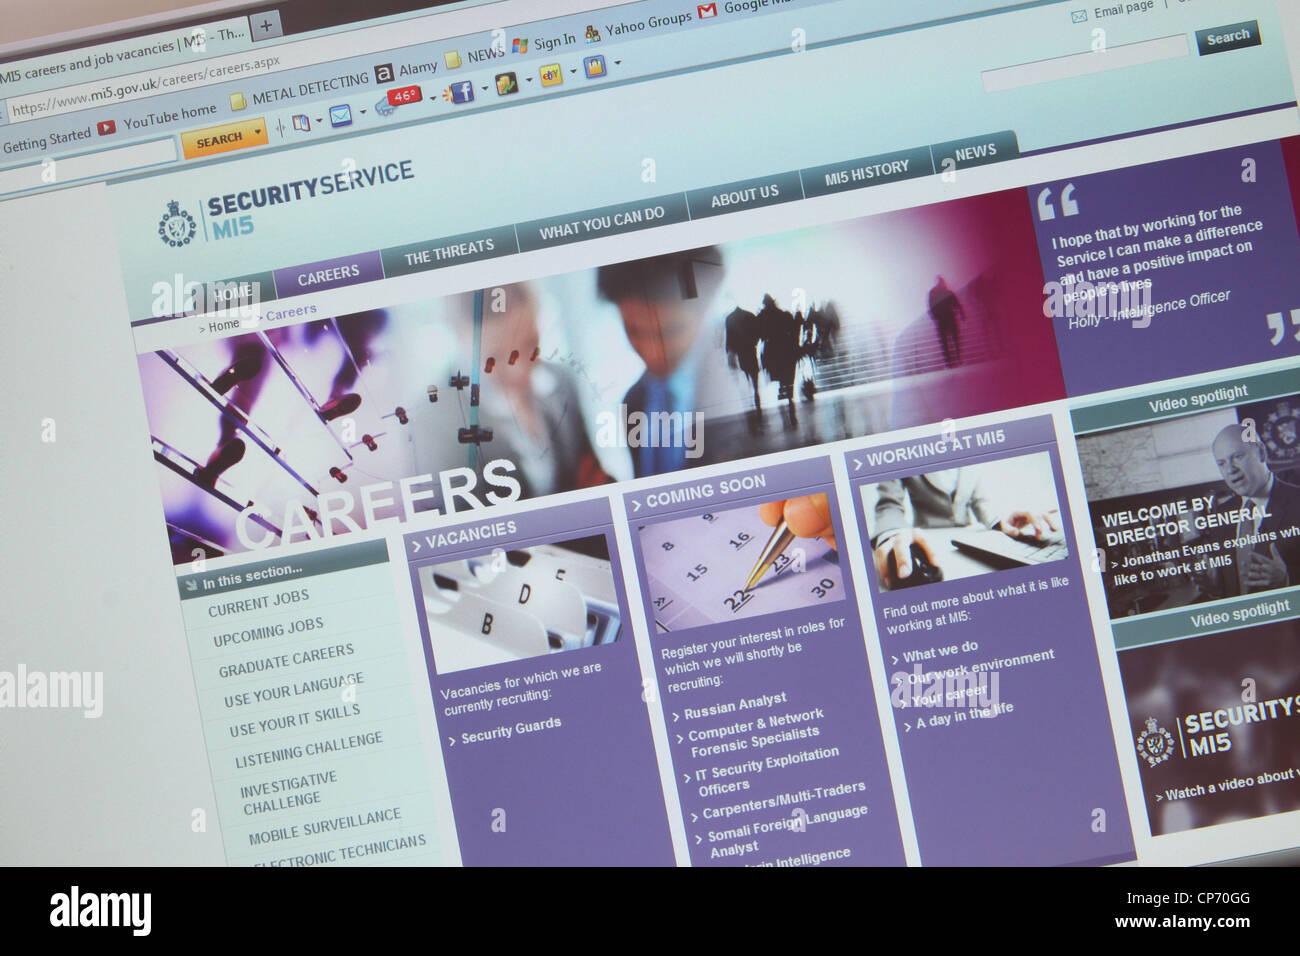 MI5 Security Service website spy careers page - Stock Image